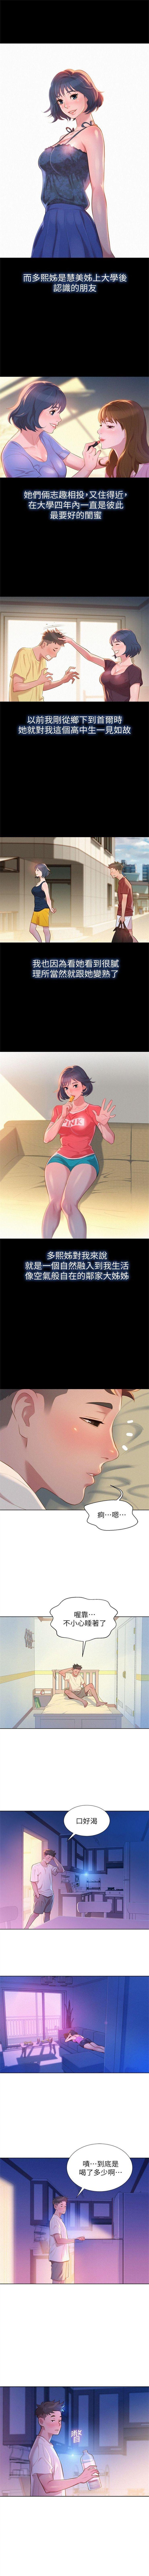 (周7)漂亮干姐姐  1-81 中文翻译 (更新中) 10